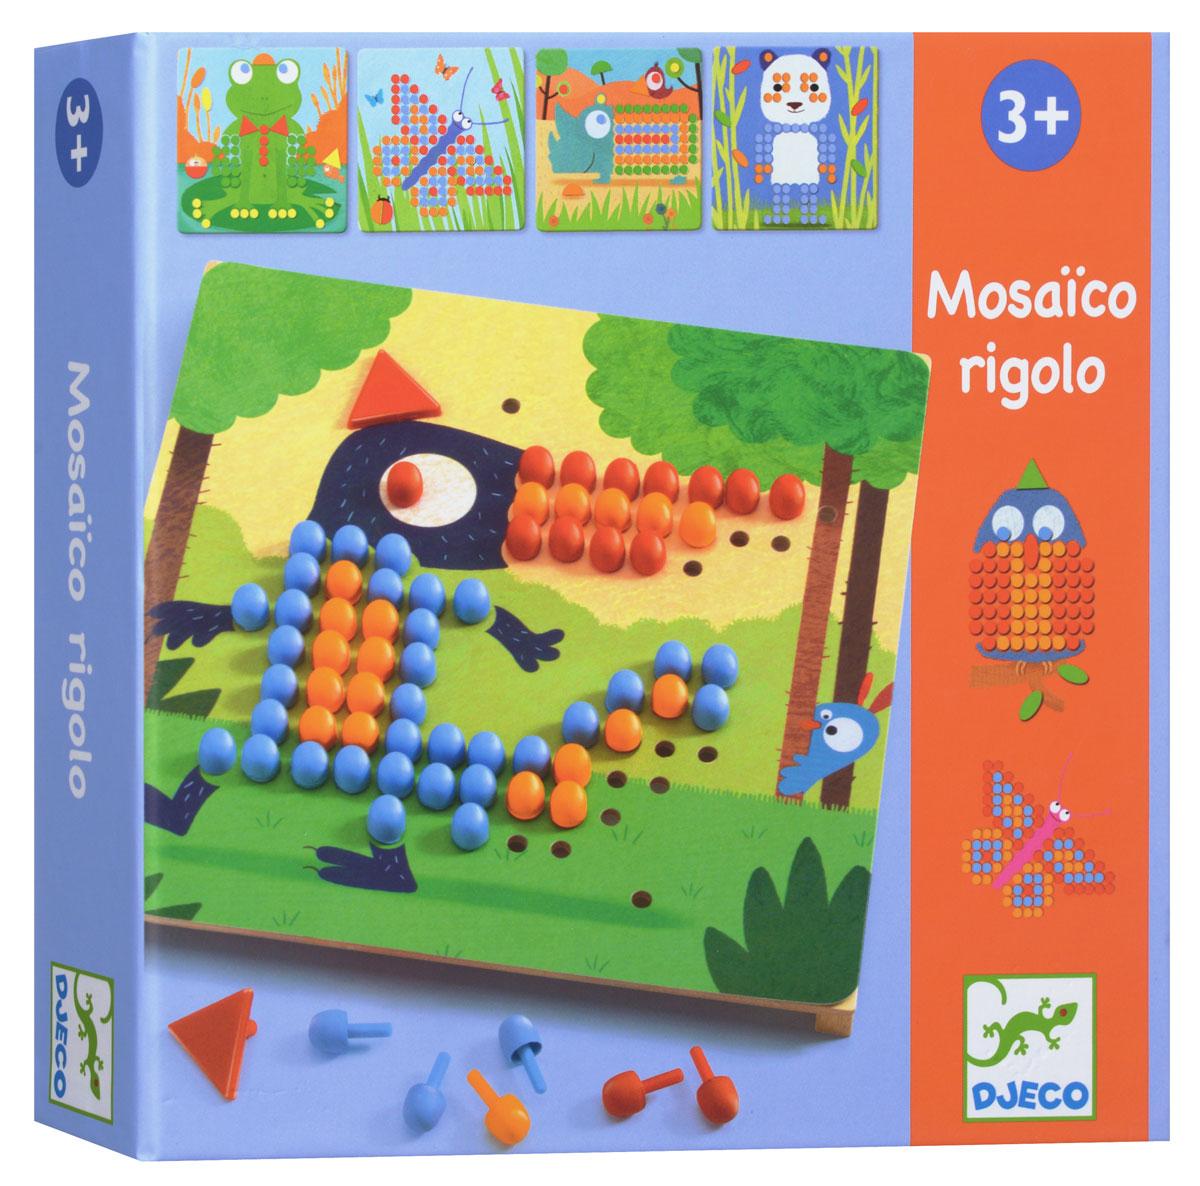 """Мозаика """"Риголо"""" от французского производителя Djeco станет увлекательной развивающей игрушкой для каждого малыша. В комплекте ребенок найдет деревянную основу, красочные карточки с заданиями и множество пластиковых гвоздиков разной формы и цветов. Ребенок должен собрать картинку согласно инструкции, в результате чего у него получатся забавная лягушка, красивая бабочка, милая панда и другие животные и насекомые. Игра развивает мелкую моторику, логическое мышление, сообразительность и внимательность ребенка, учит его усидчивости и терпению."""